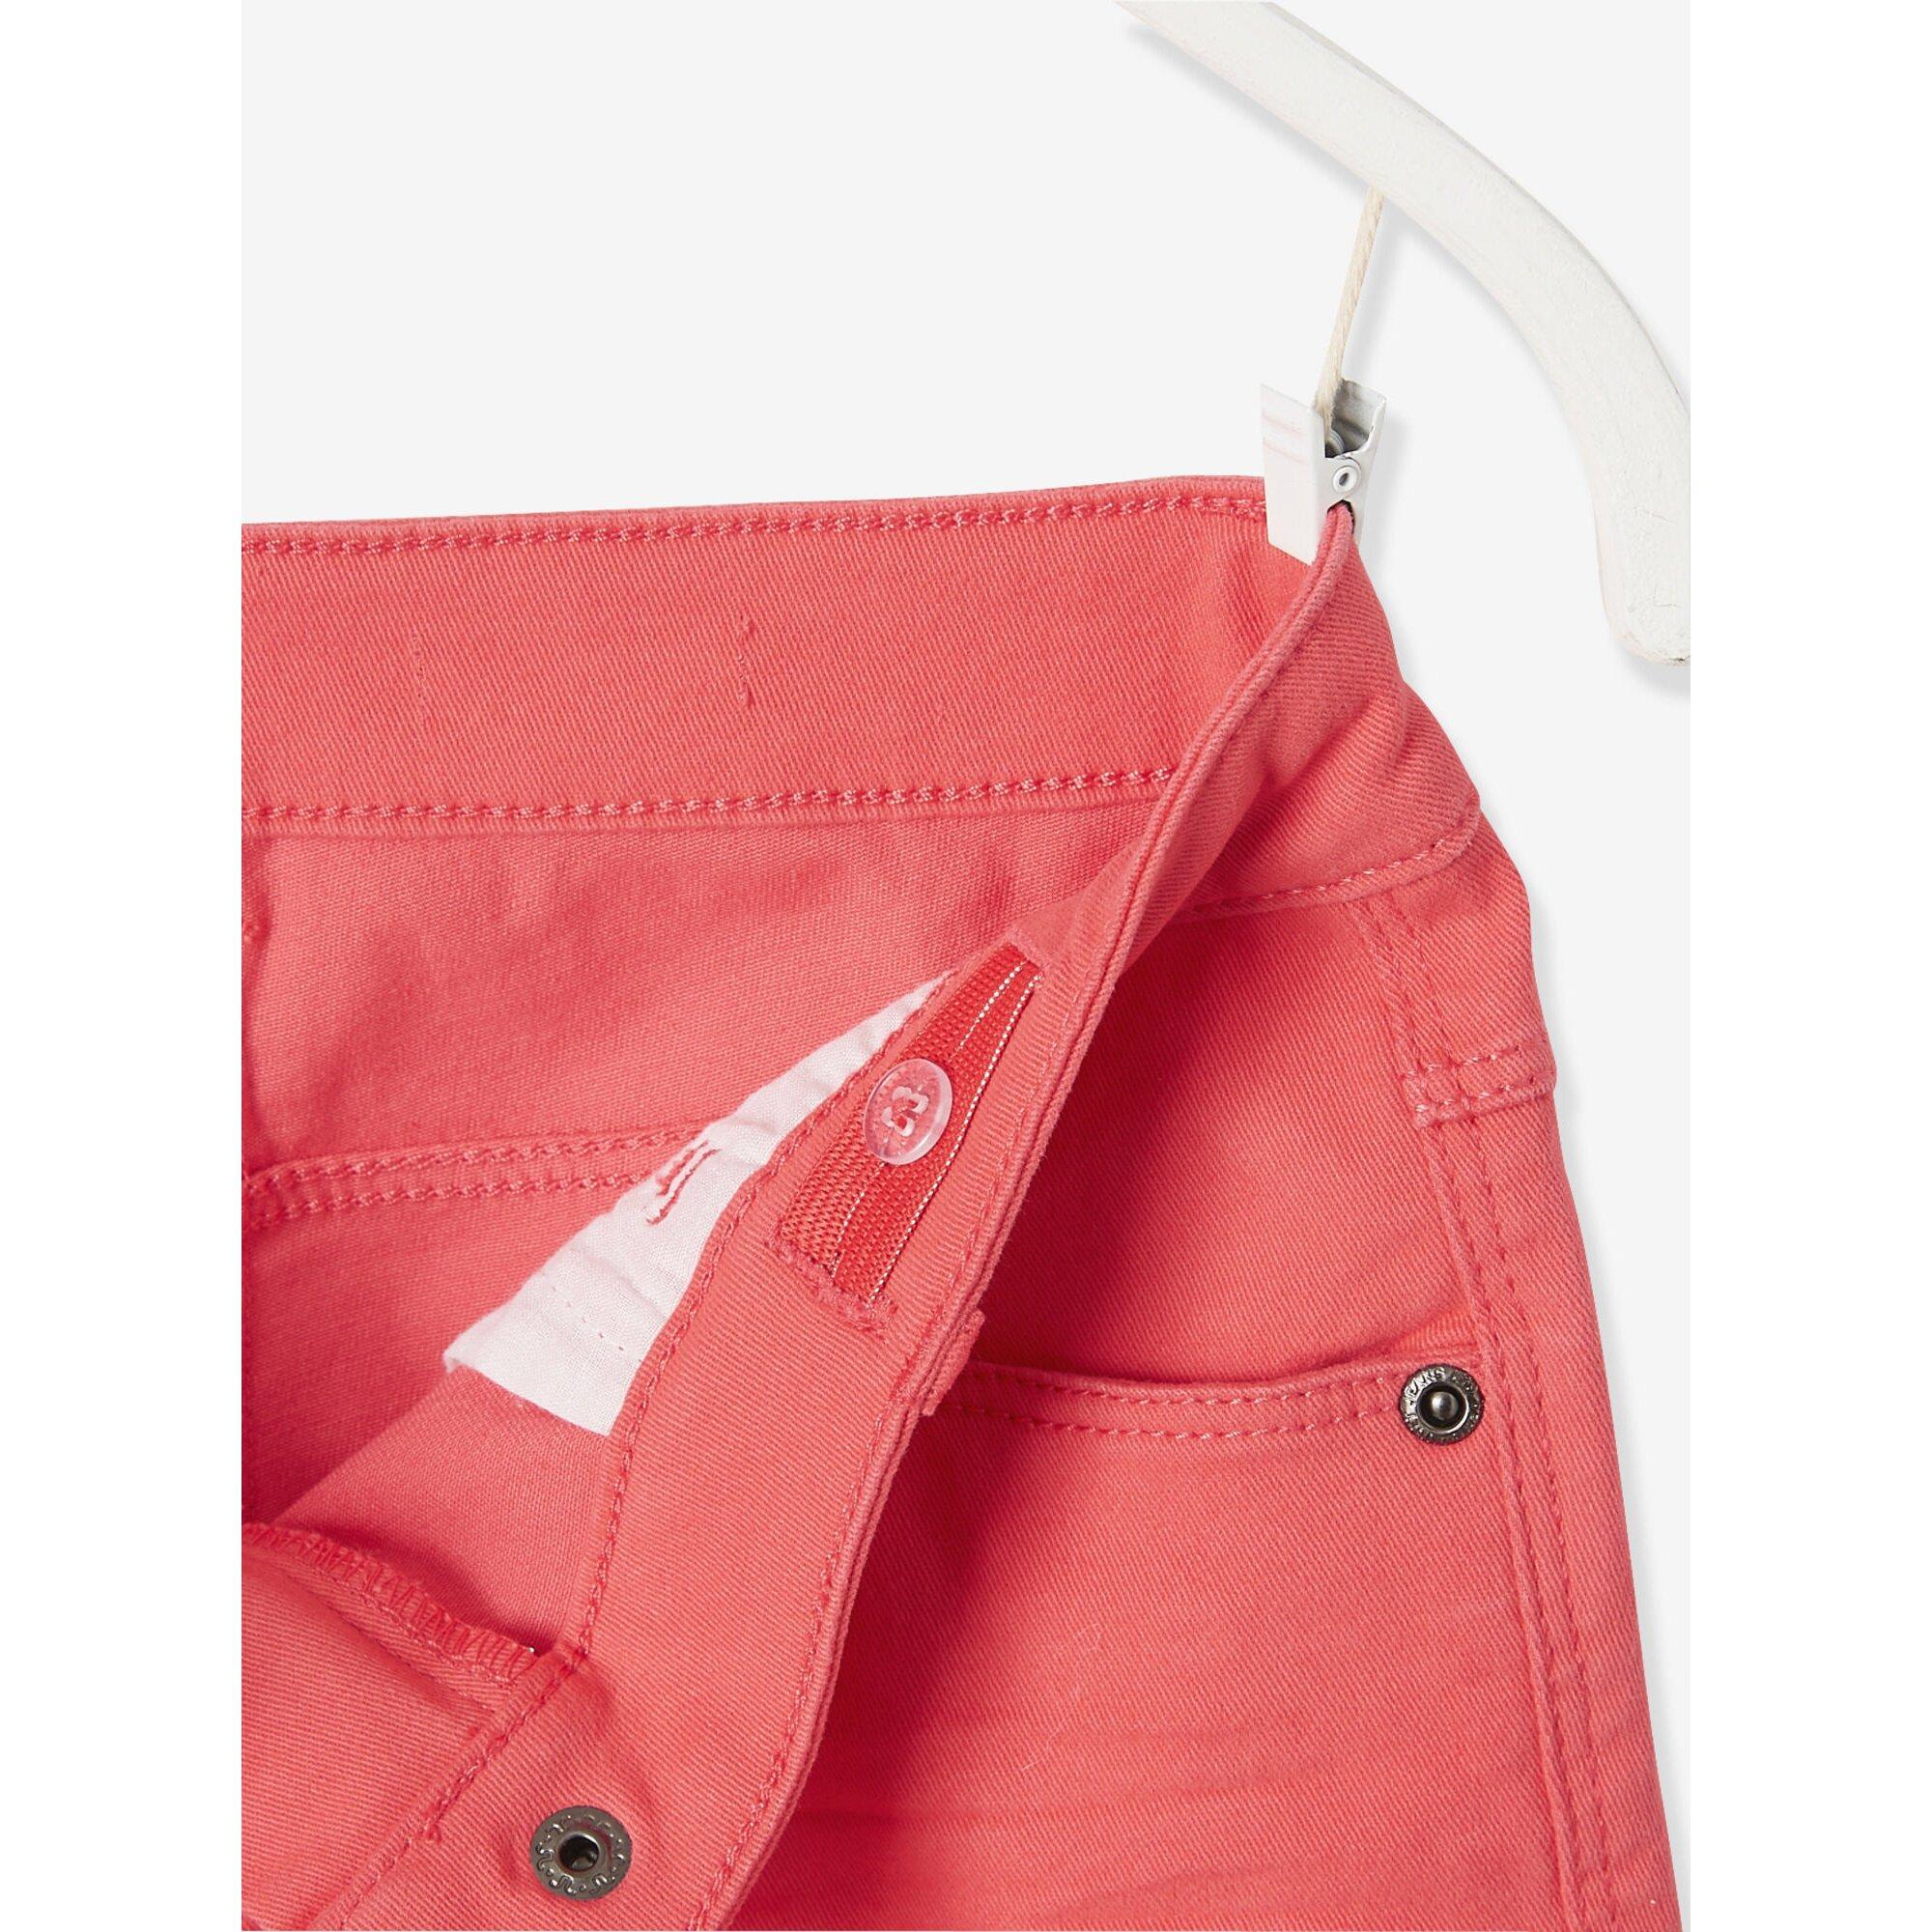 vertbaudet-madchen-shorts-baumwoll-stretch